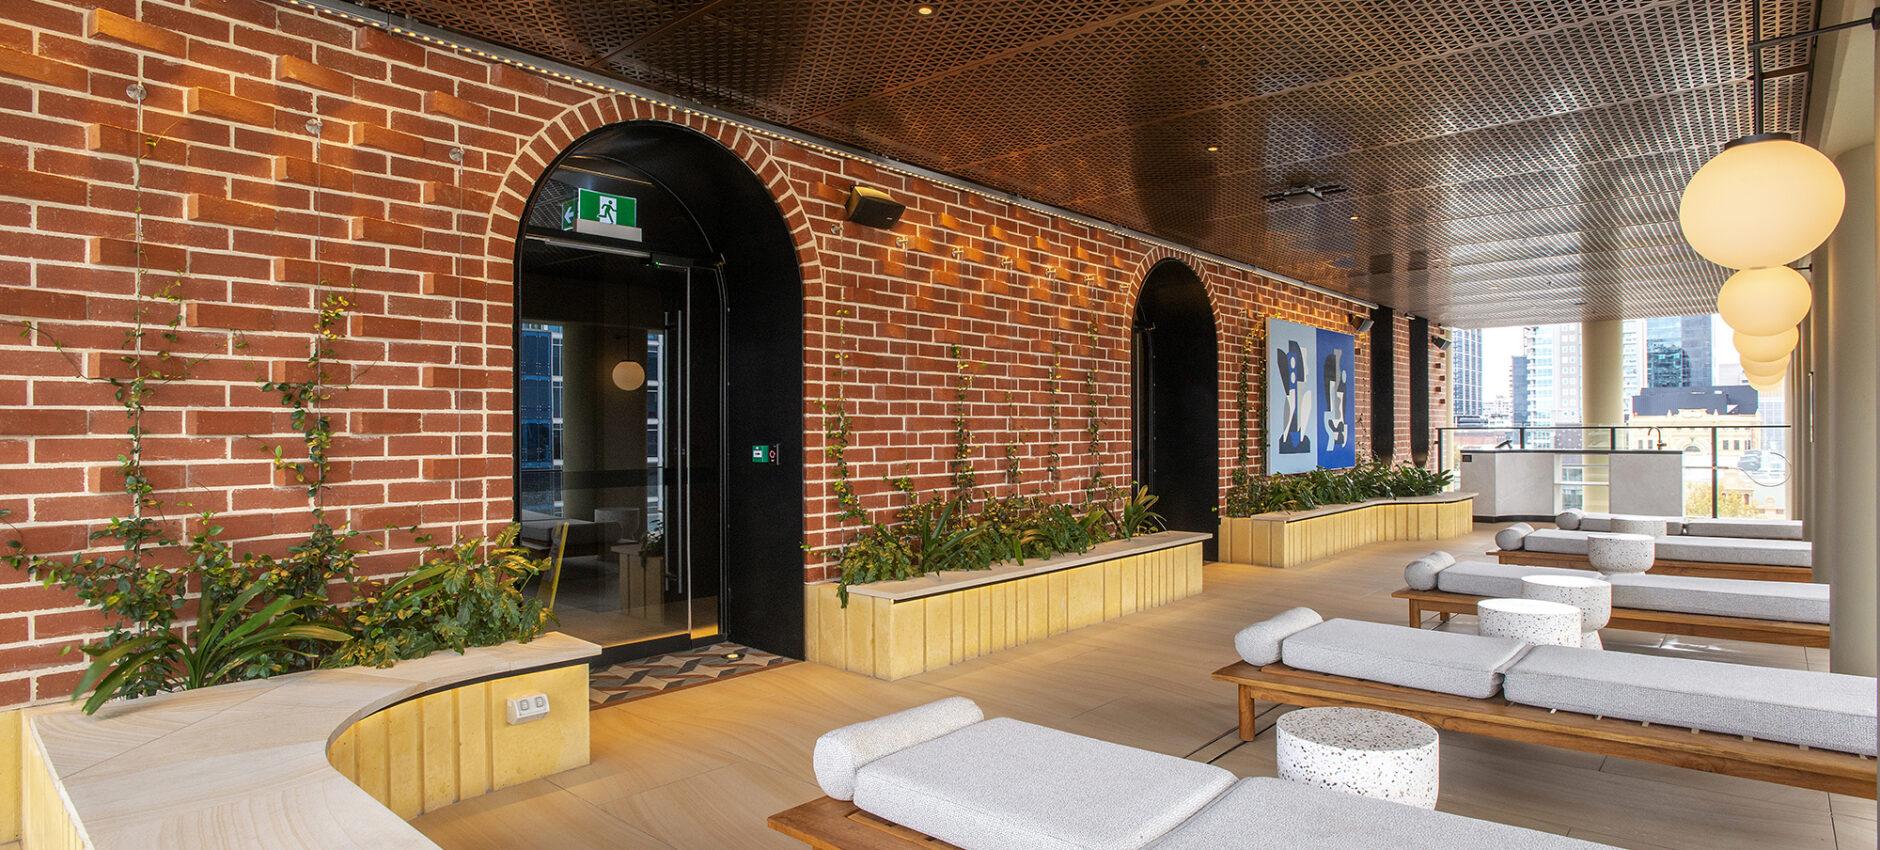 Indigo-Hotel-SLC-2021-0554.jpg